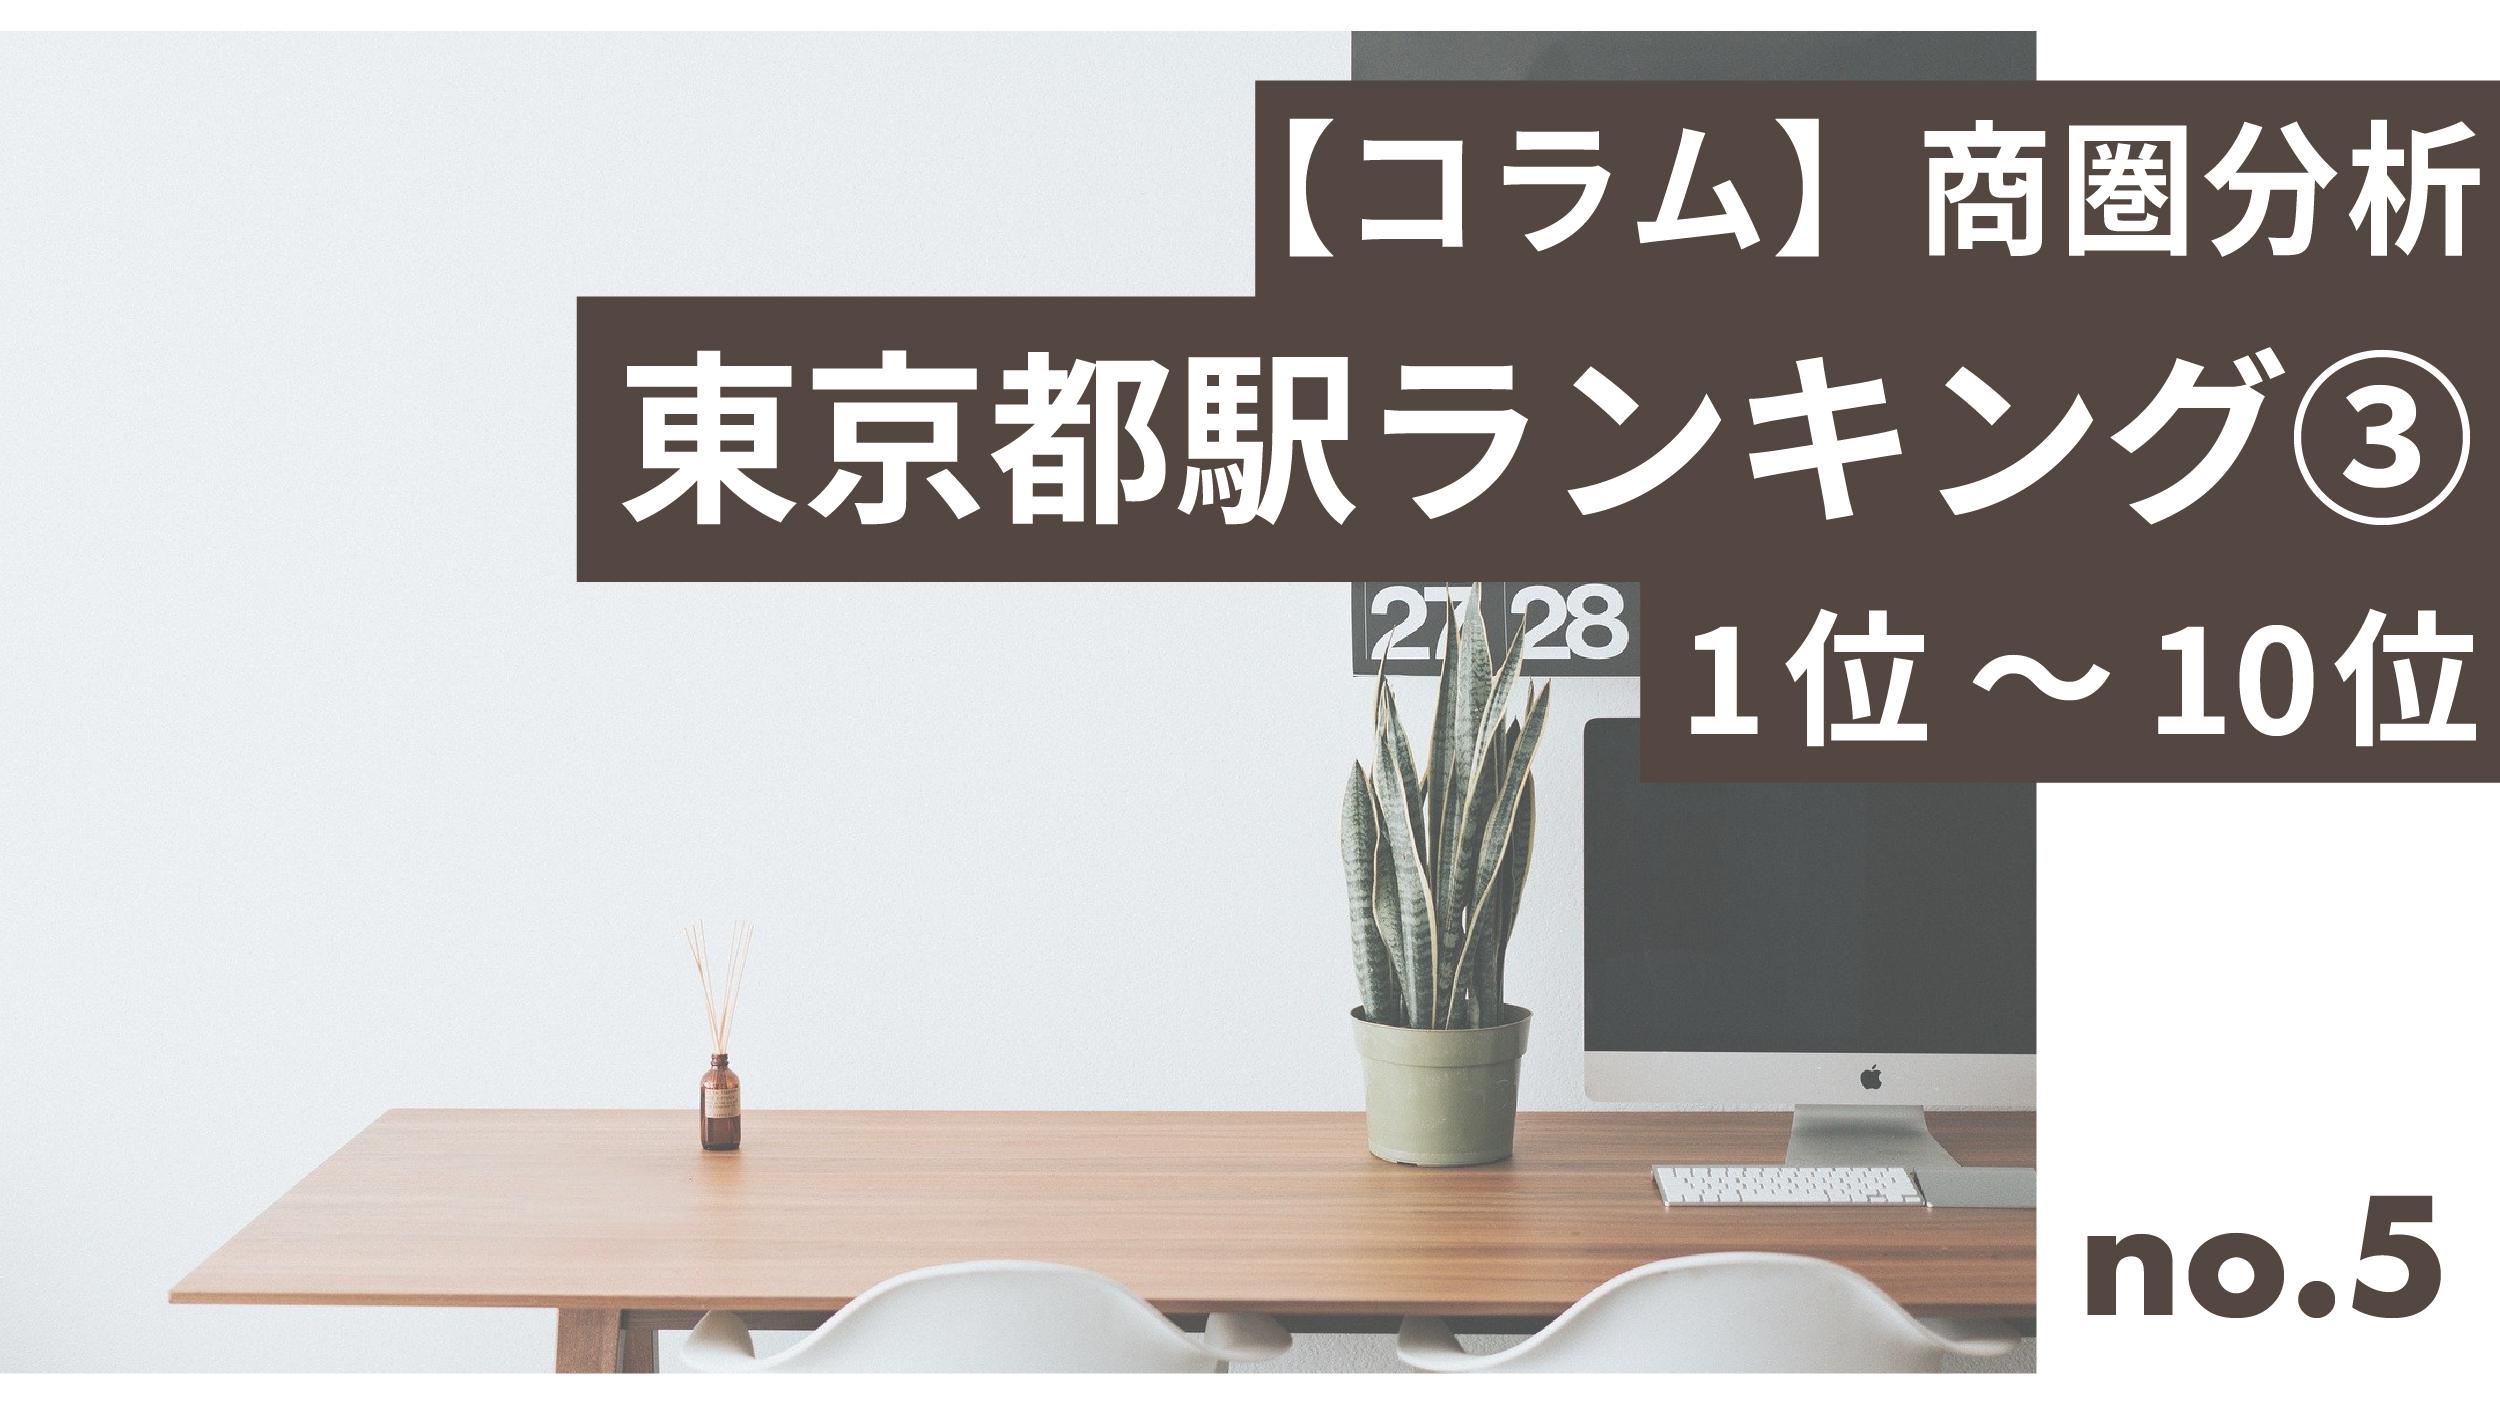 【コラム】商圏分析 東京都 駅ランキングベスト65(1位〜10位)